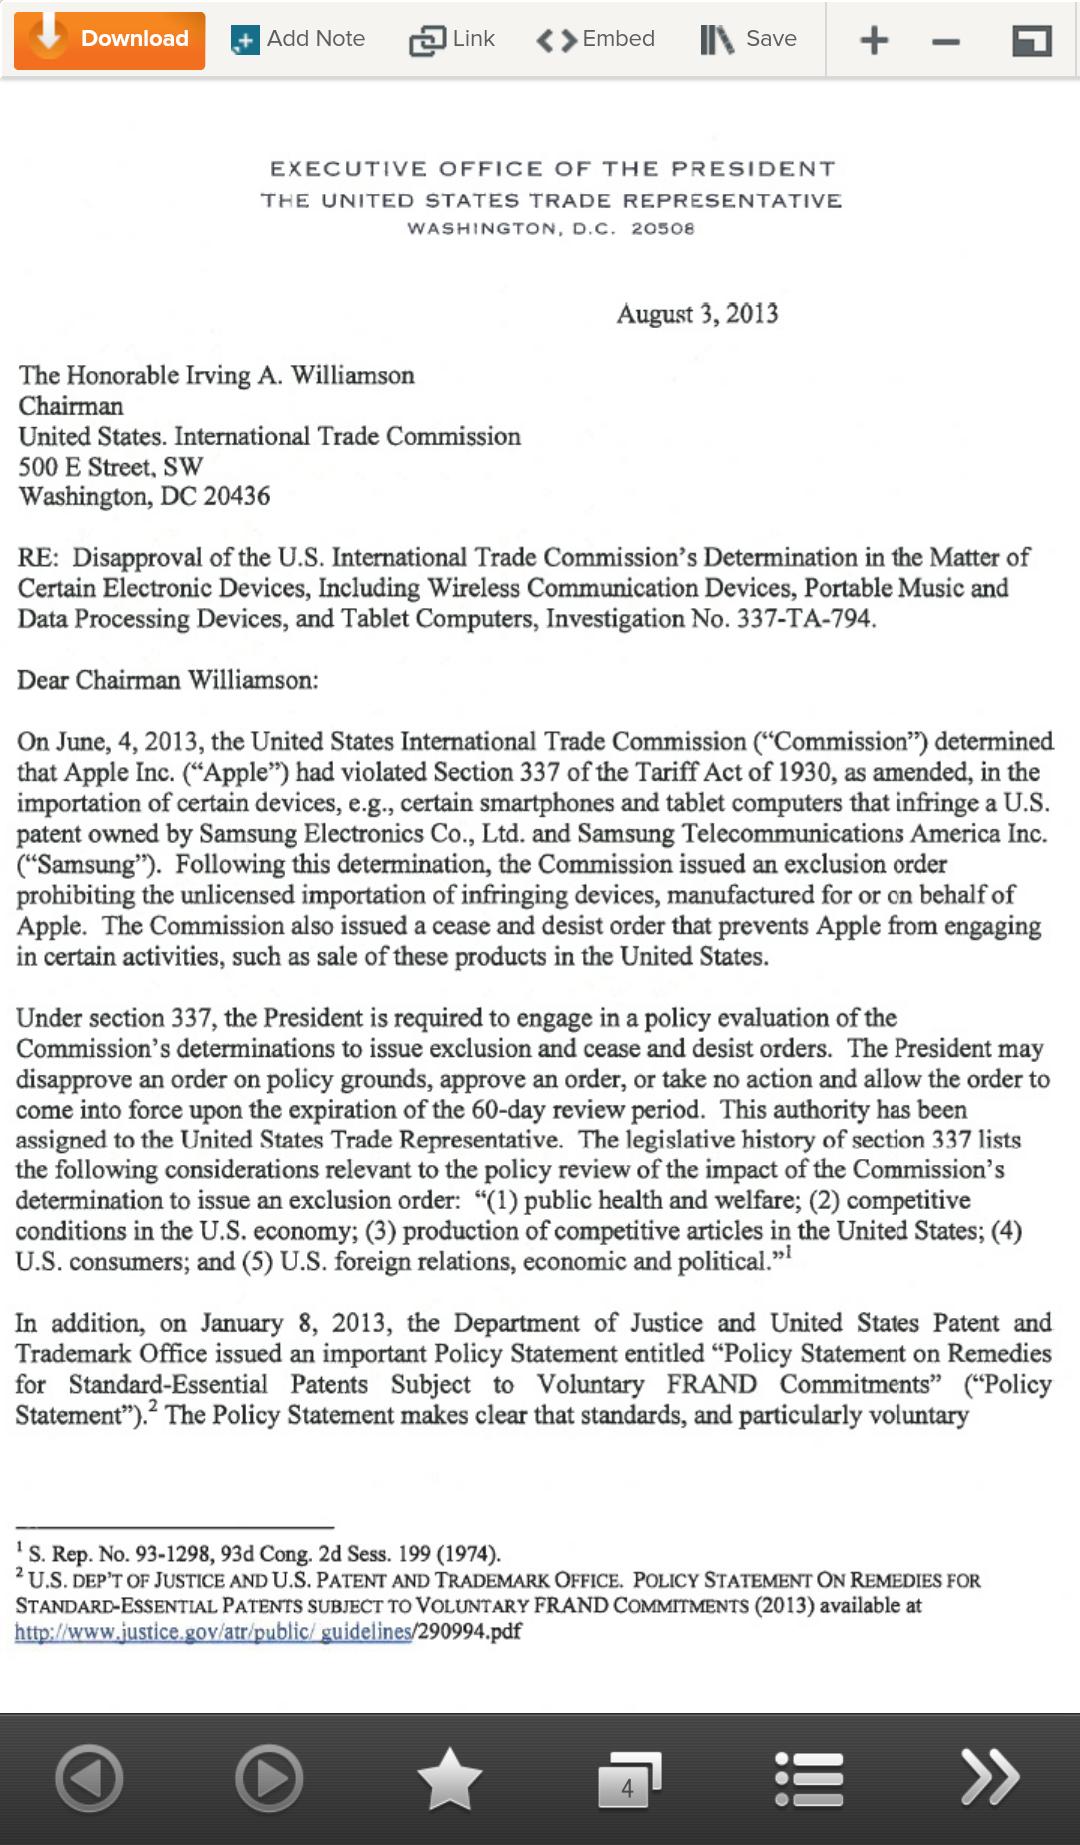 오바마, 미국 ITC의 애플제품 수입금지 판결에 거부권 행사